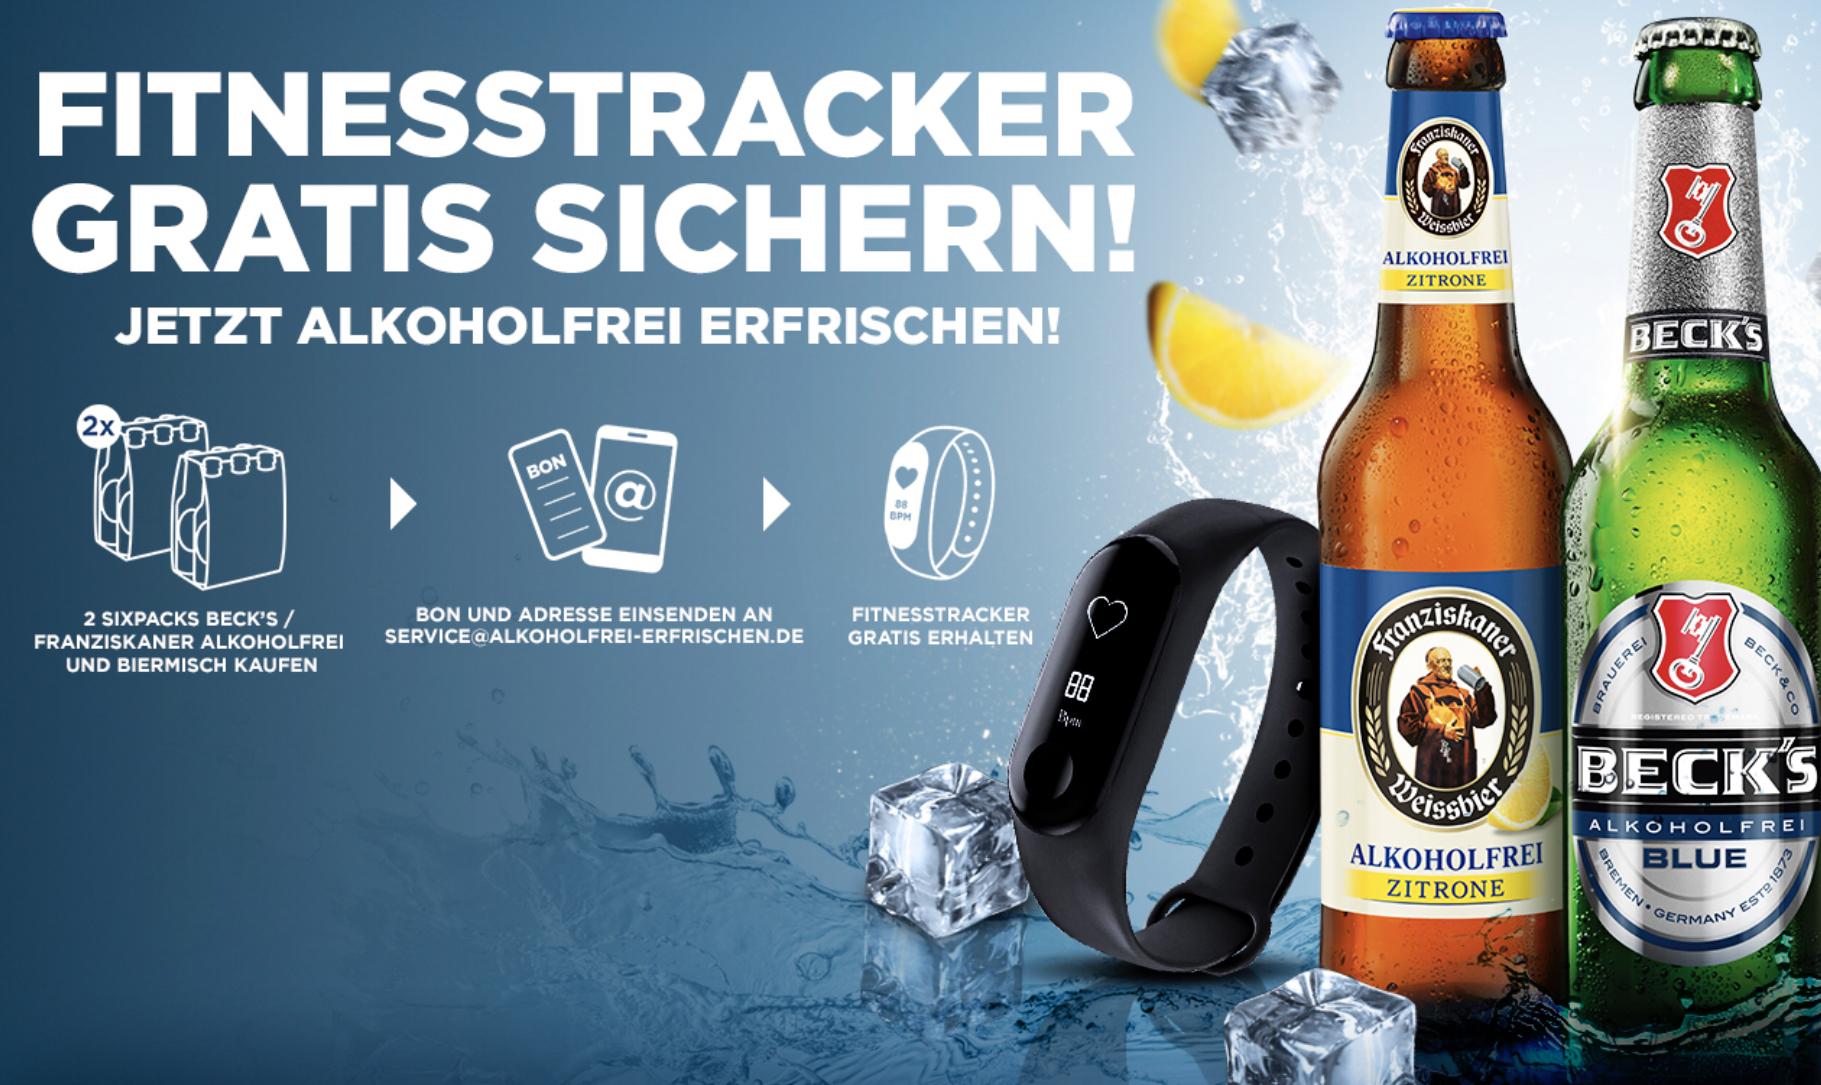 REWE: 2 Sixpacks Beck's/Franziskaner Alkoholfrei kaufen und GRATIS Fitnesstracker erhalten! - vom 29.07. - 05.08.